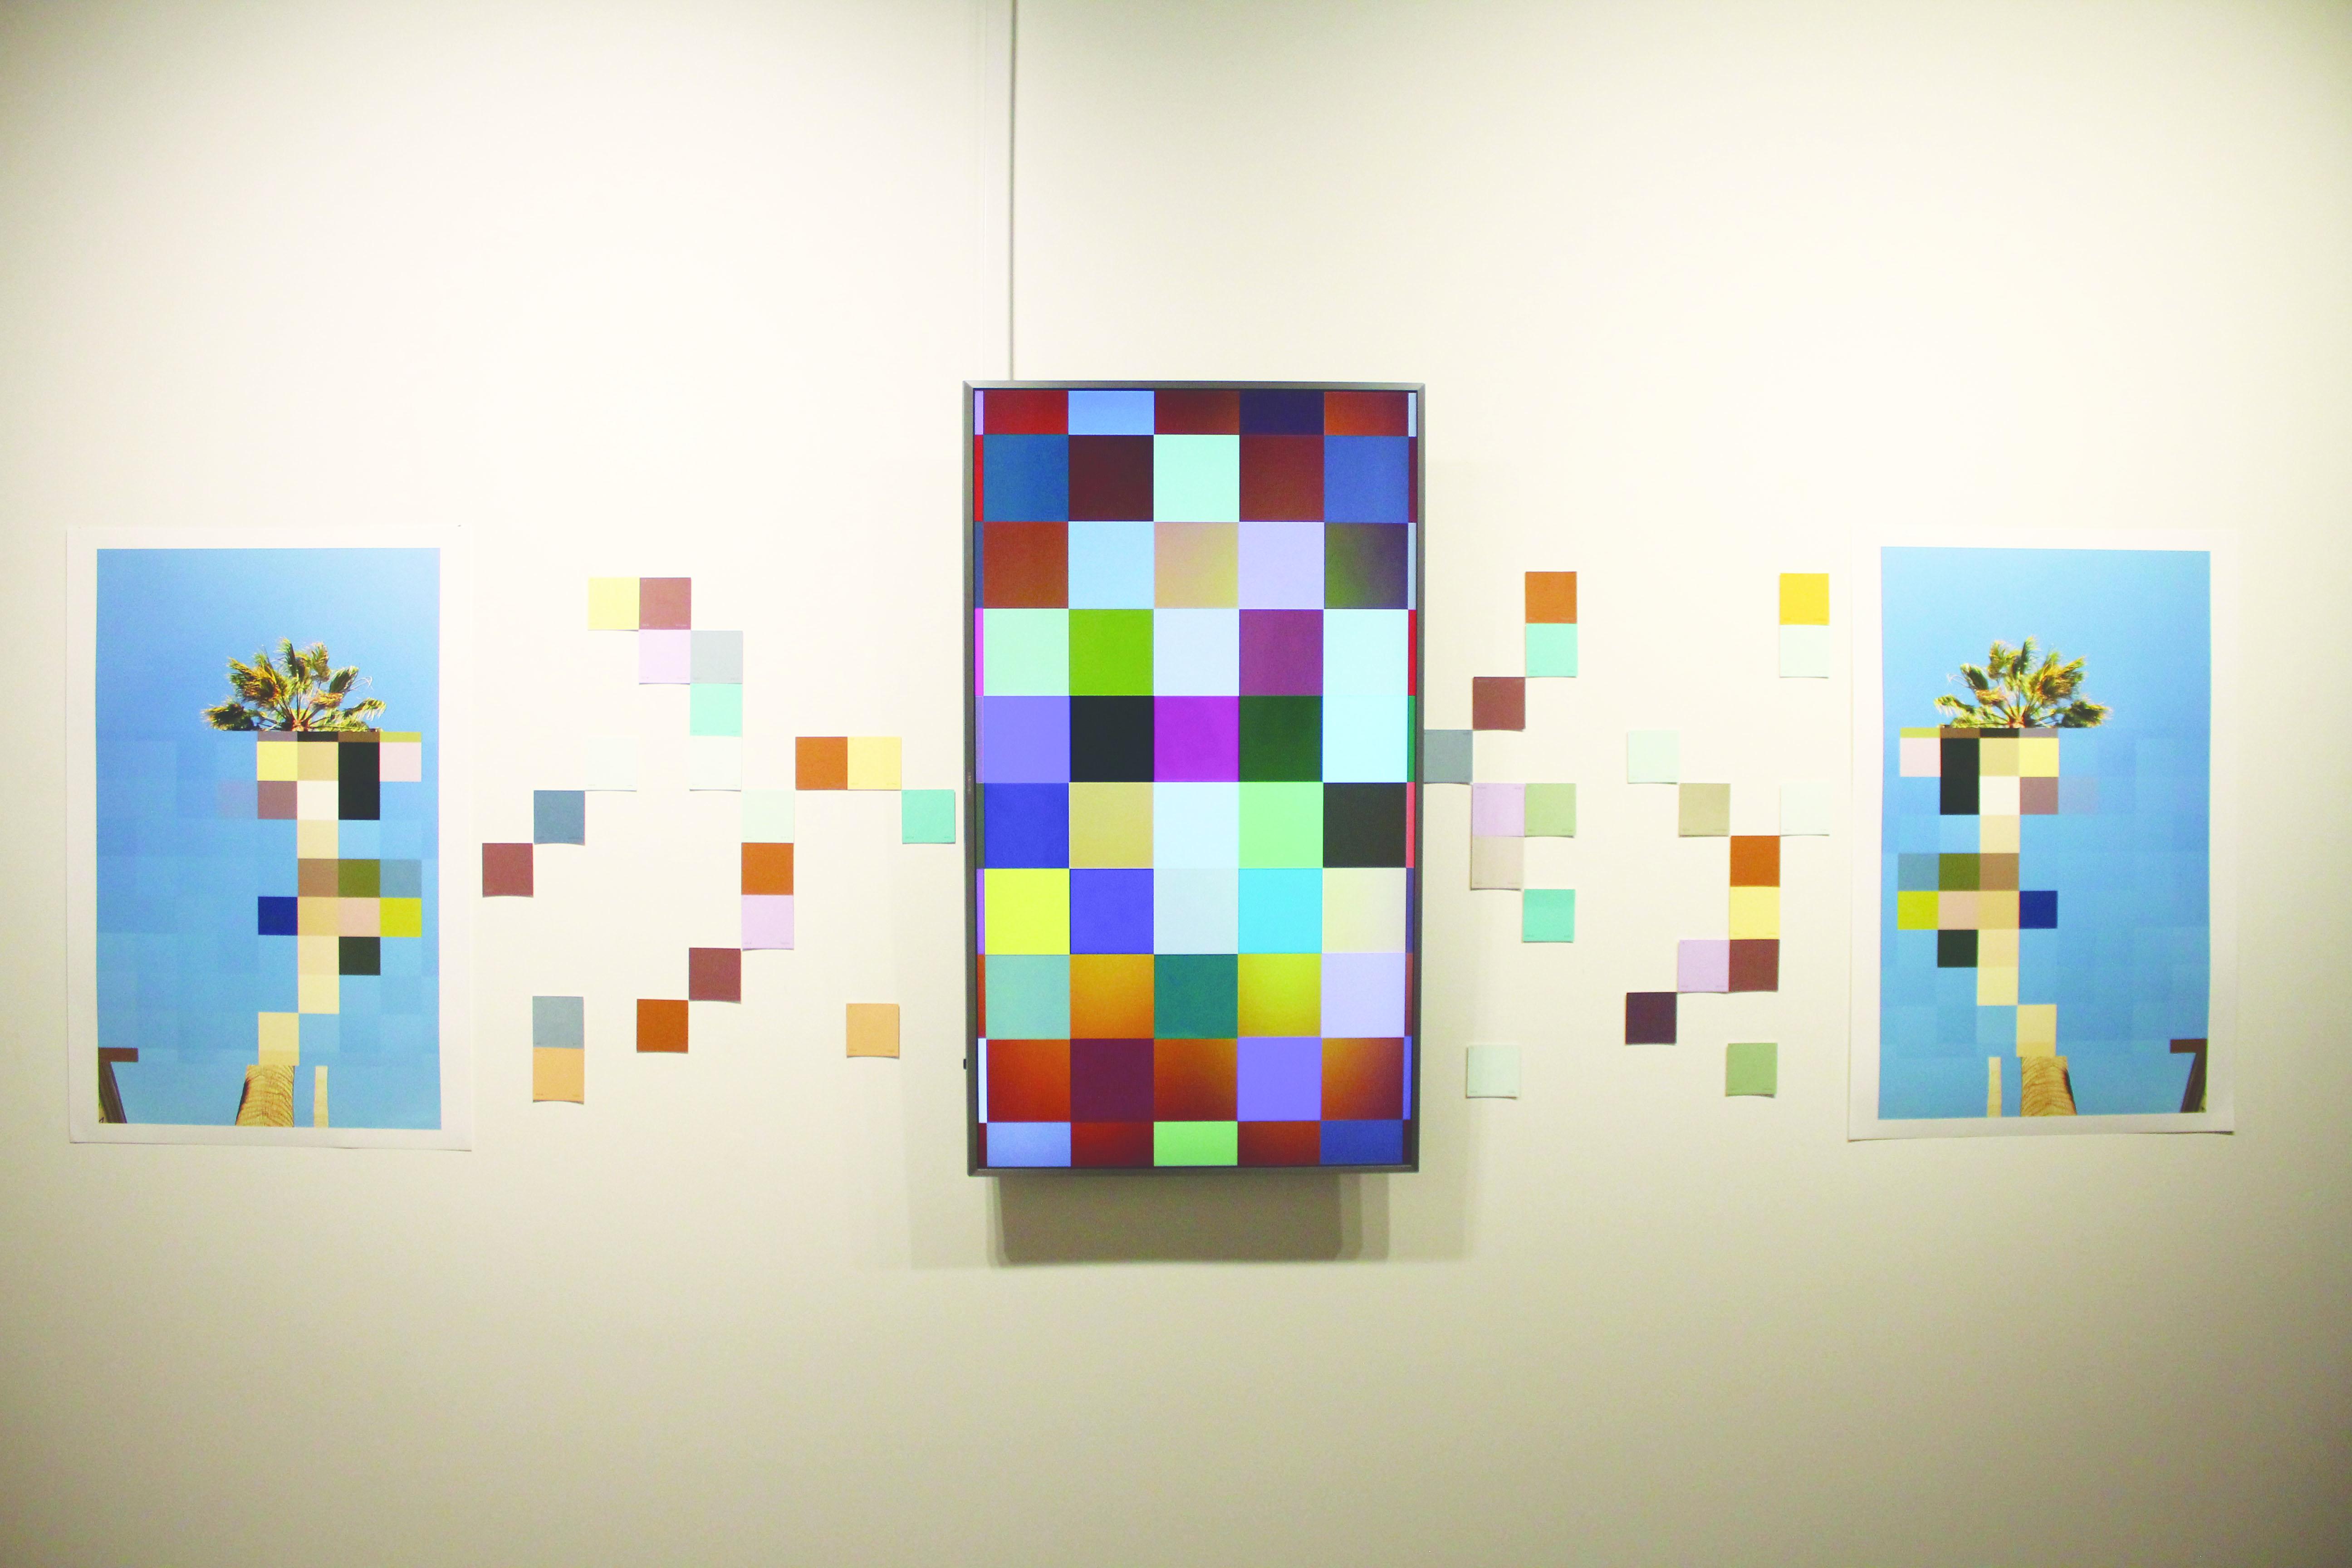 Embracing oddities through art